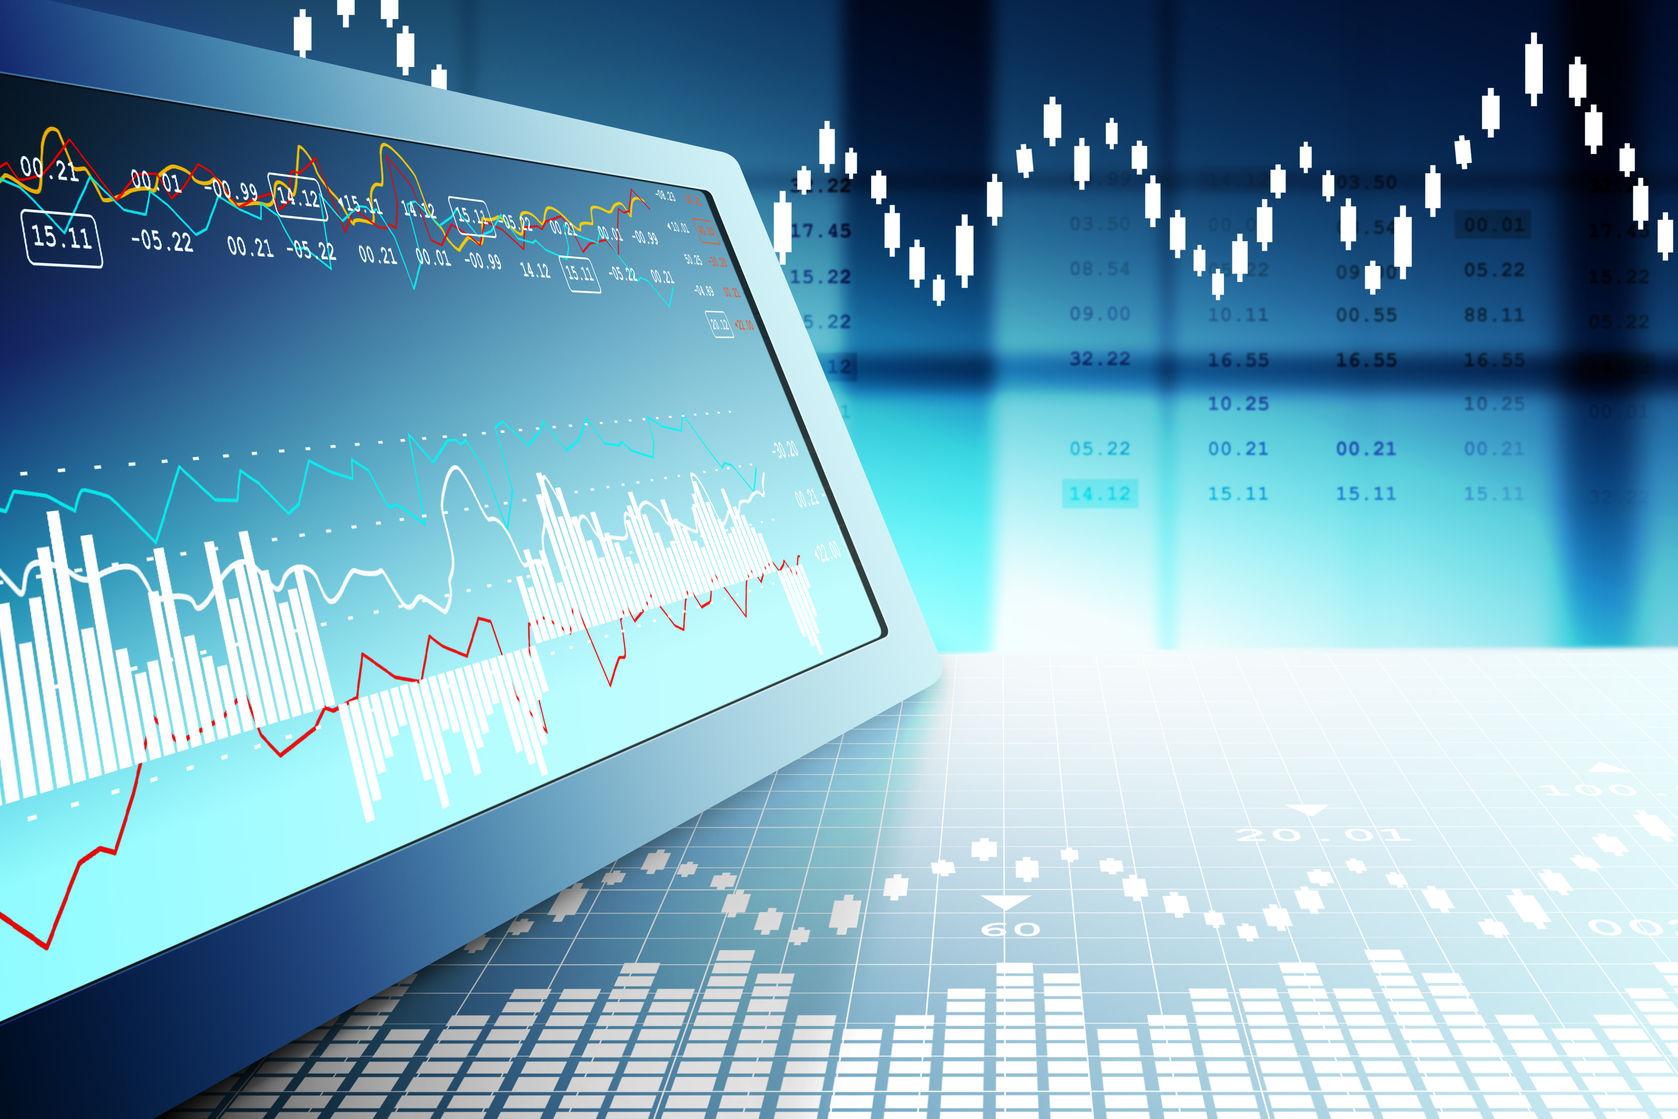 monitoring winkelautomatisering en ict beheer winkelpanden